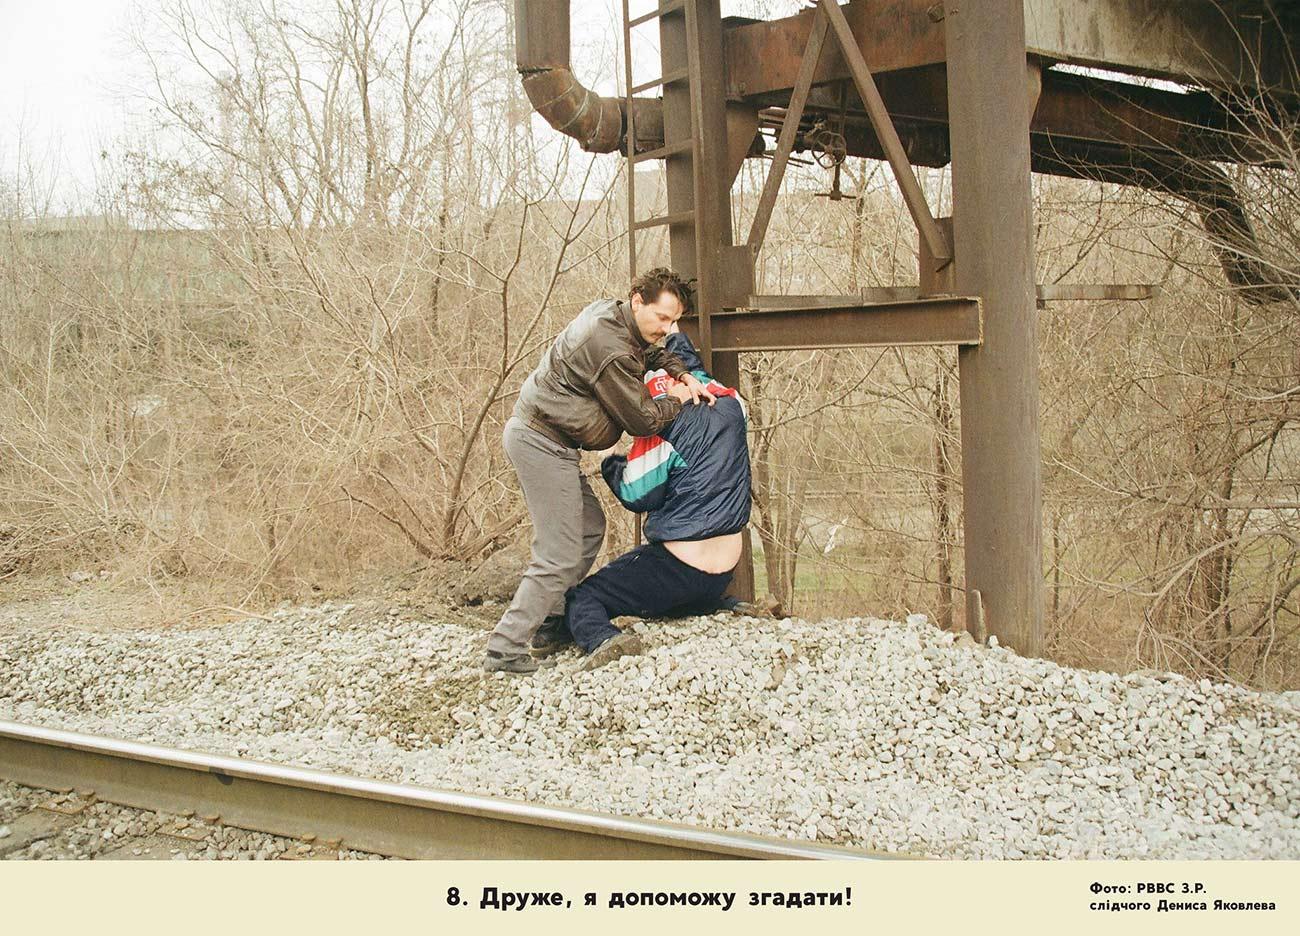 rach rev 09 - <b>Музей катастроф:</b> что важно знать о художниках Рачинском и Ревковском - Заборона